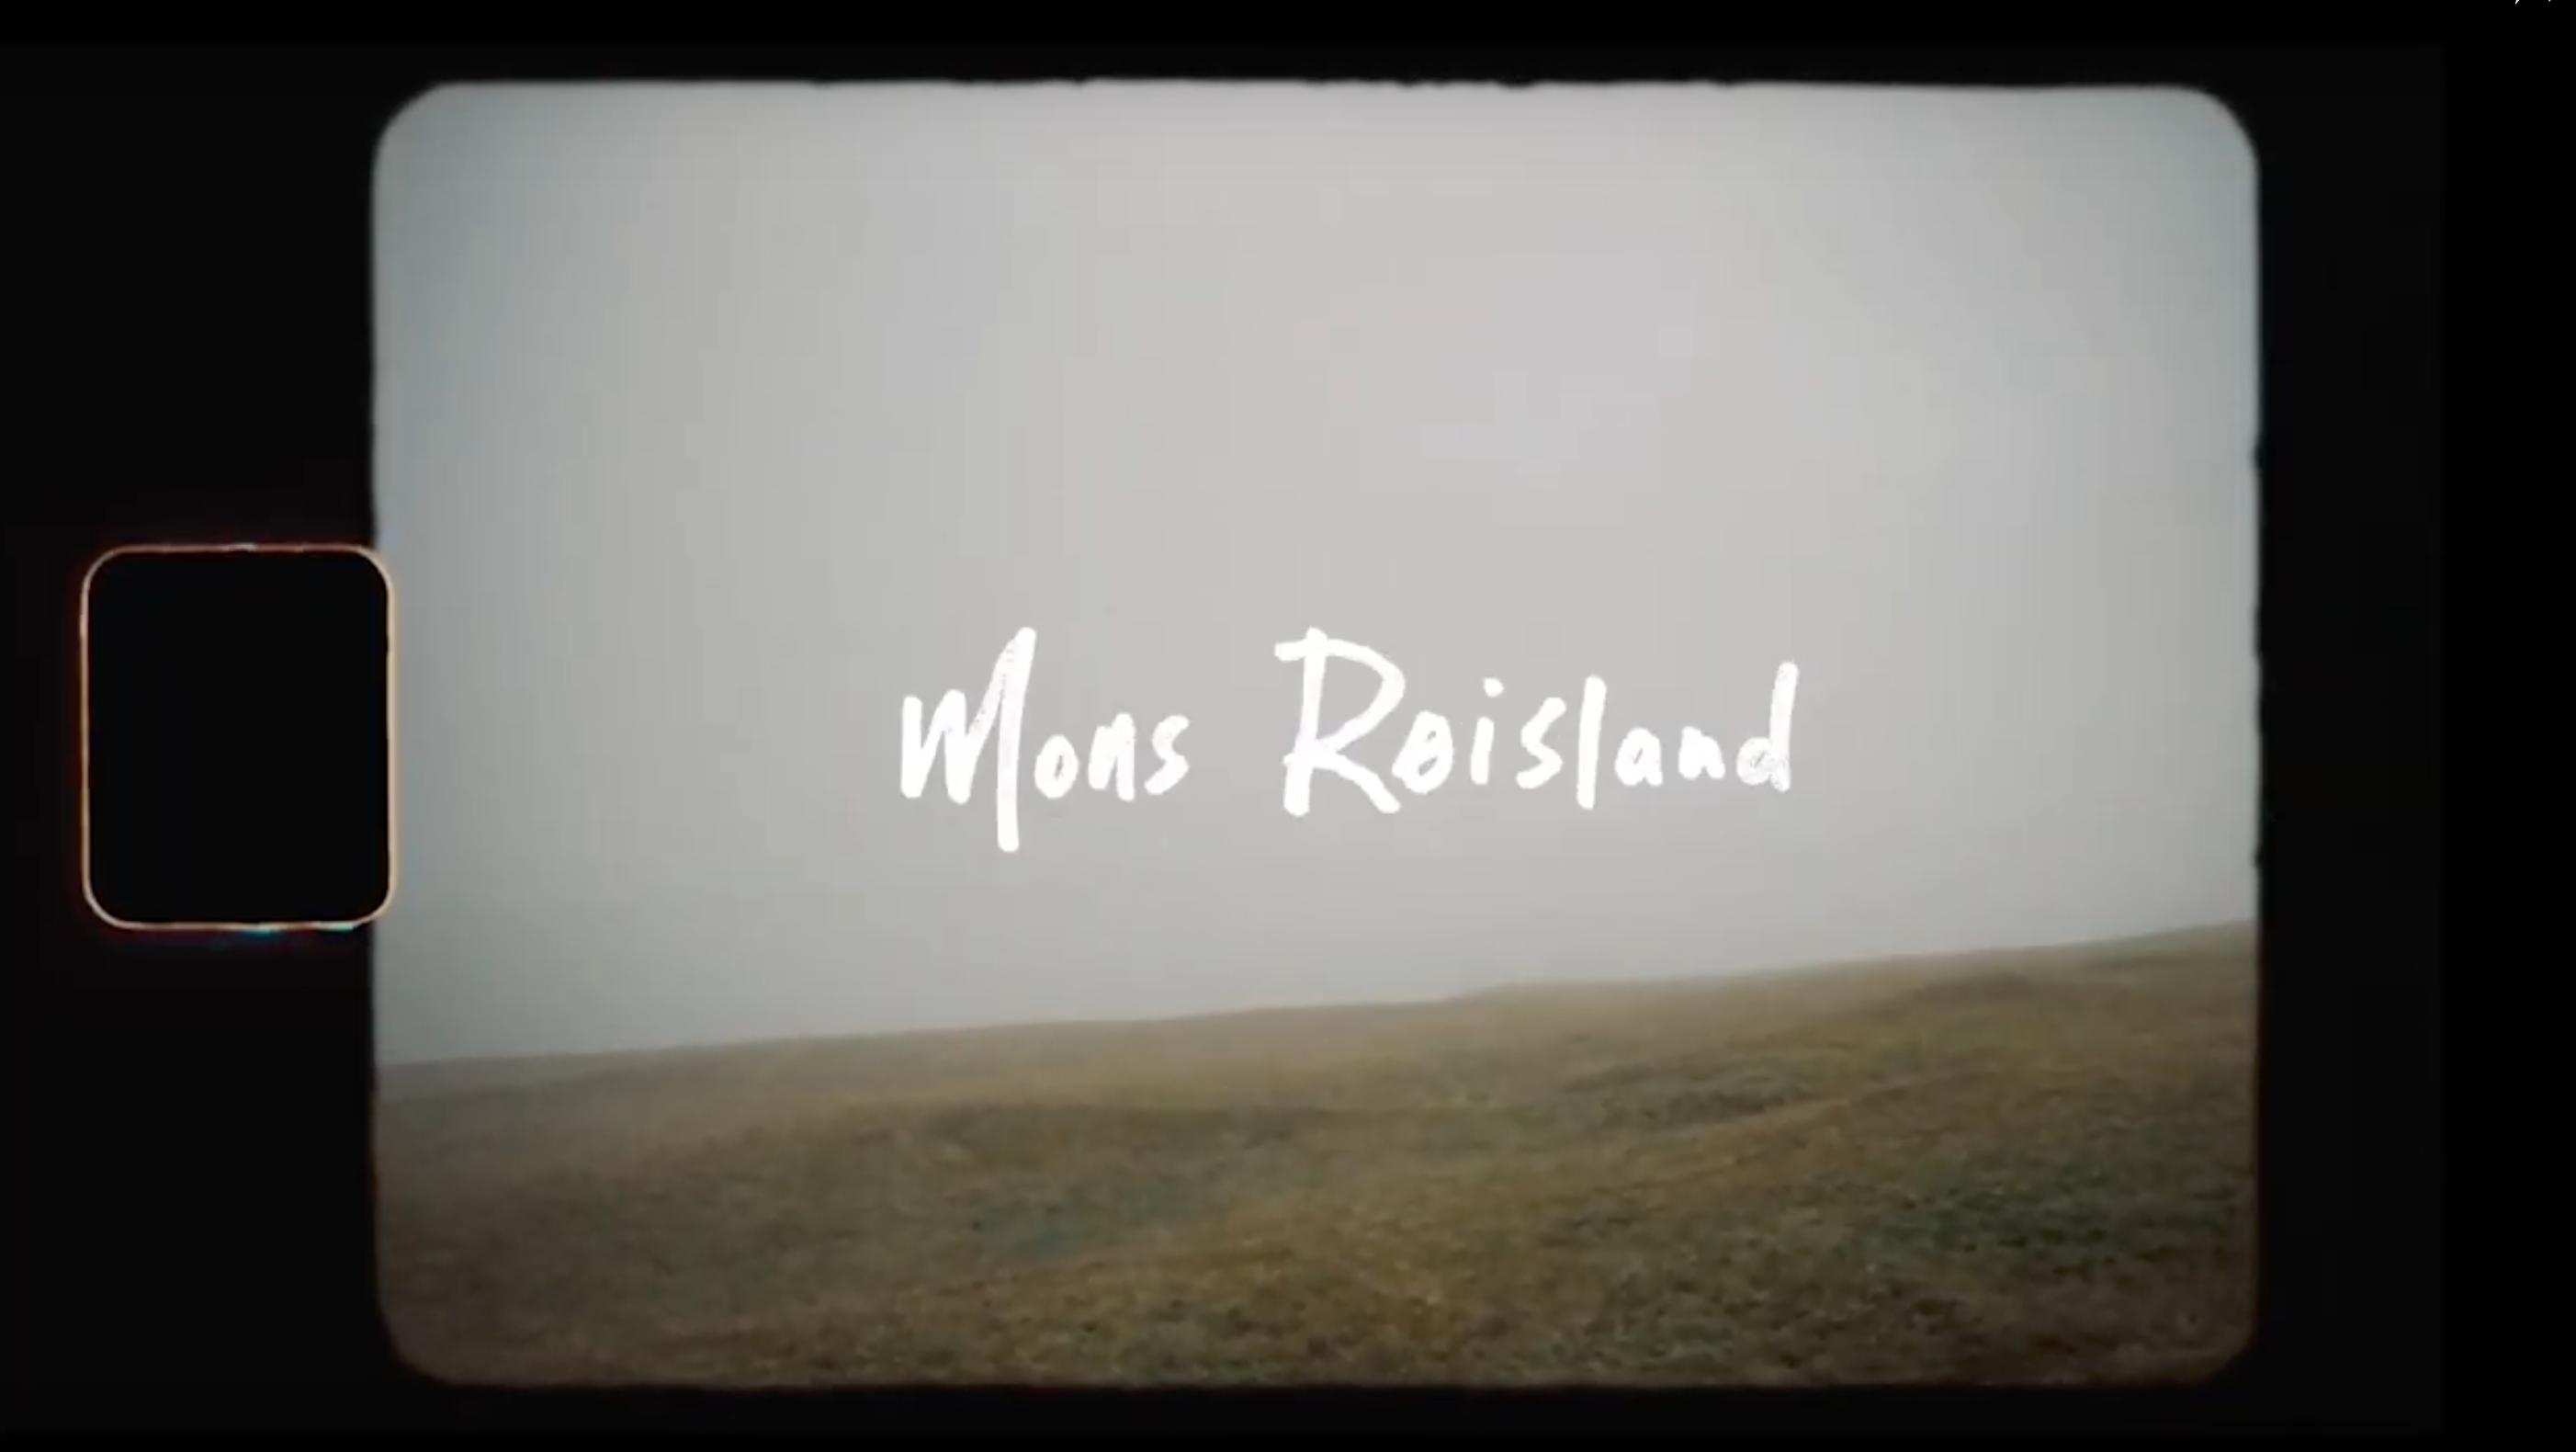 Sjekk ut Røislands Saas Fee-edit!